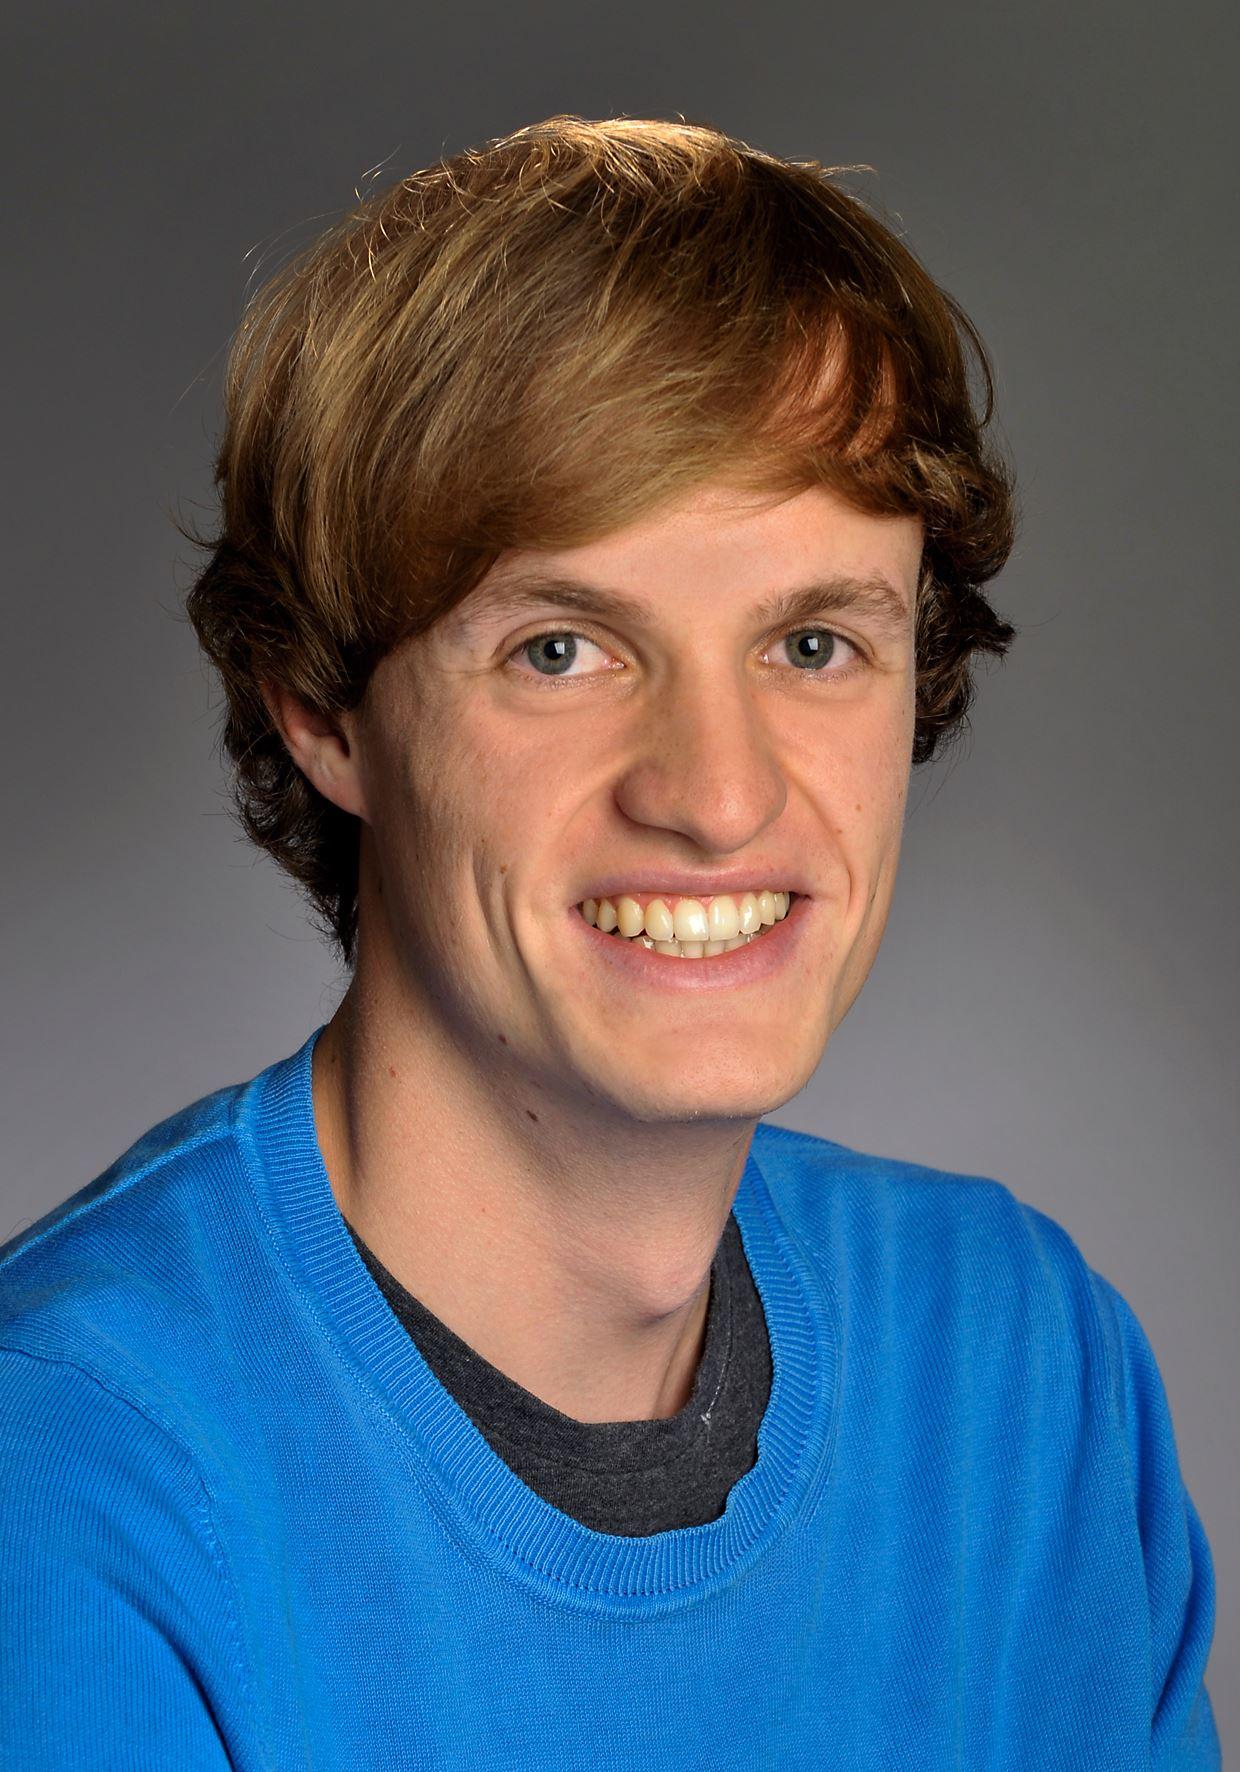 Lukas Weiss